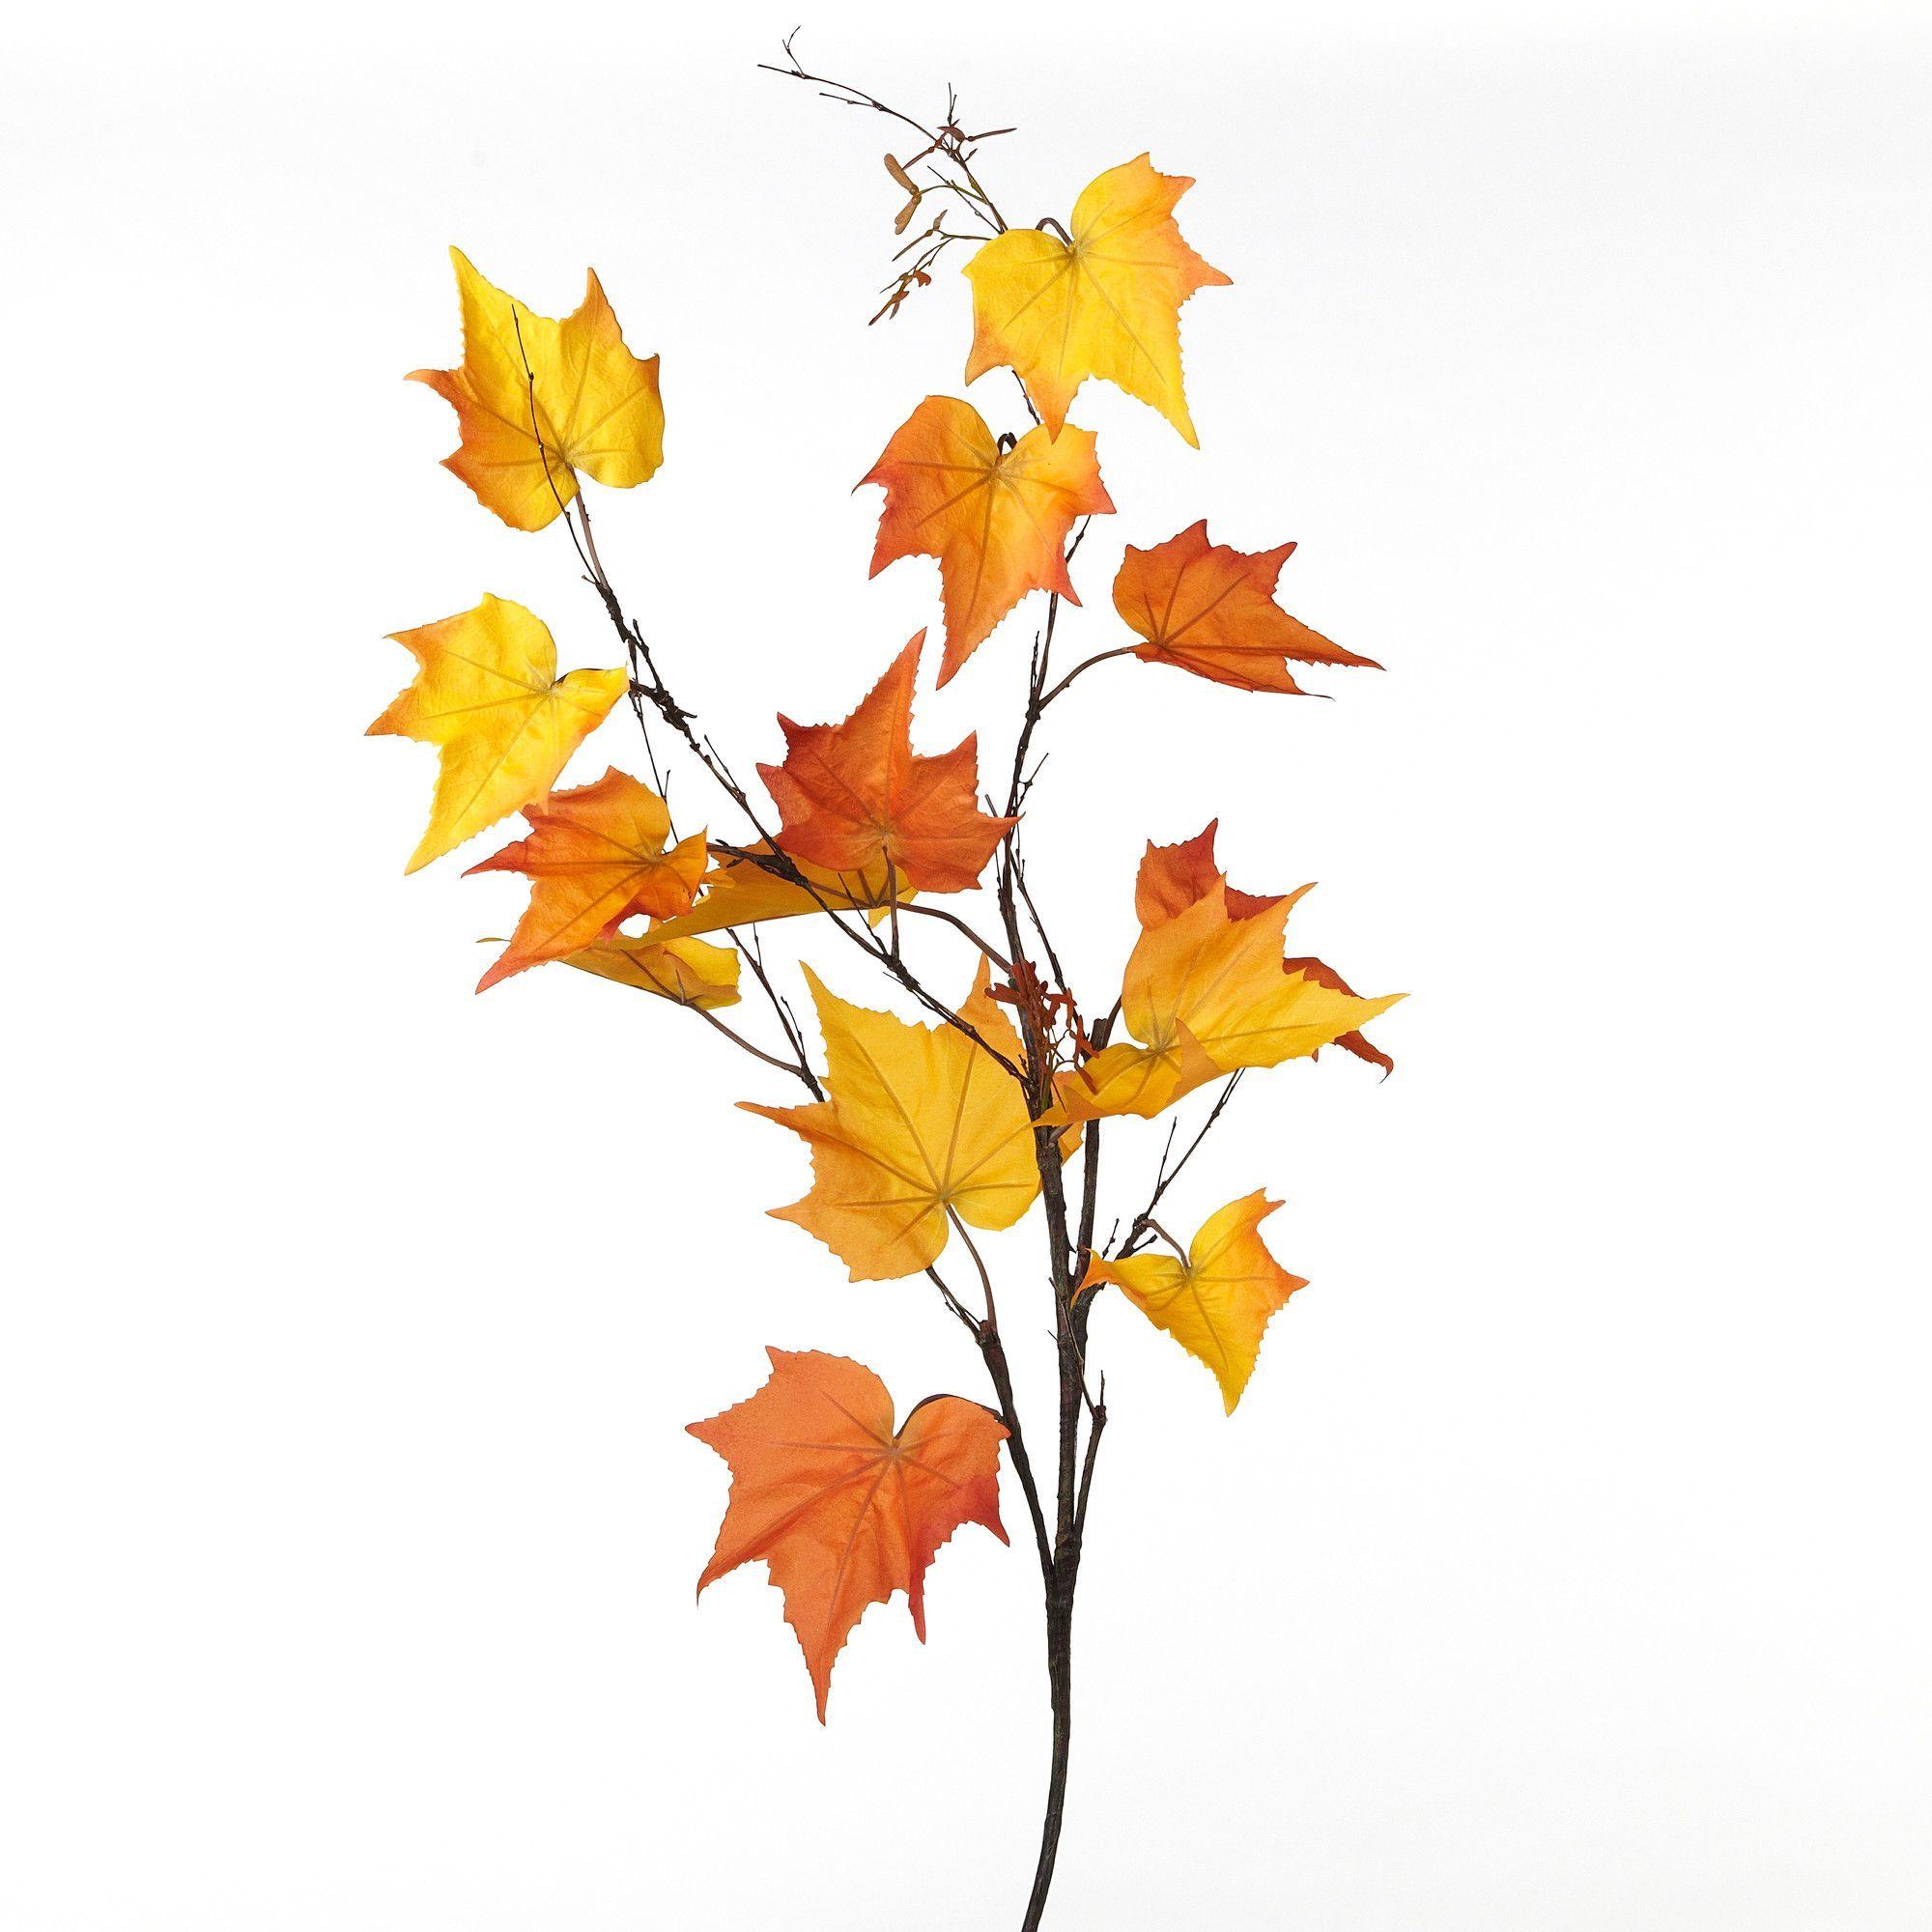 2000x2000 Fleur Maple Leaf Branch Spray